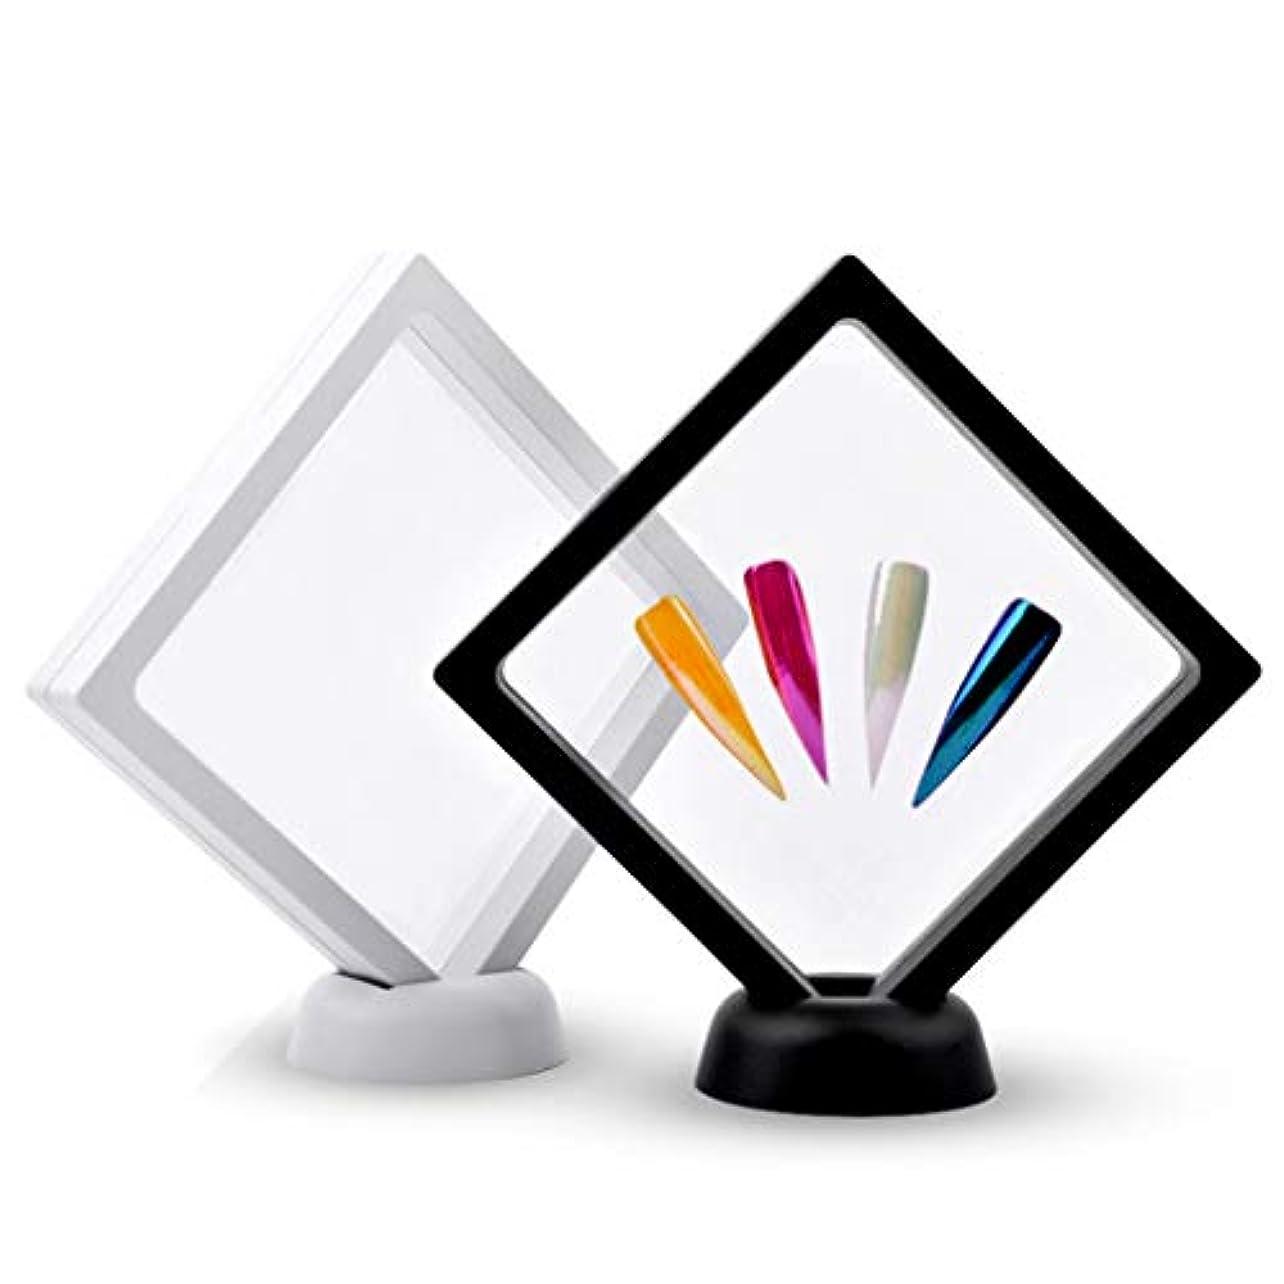 支配する運命的なフィールド2本 ネイルアートボード ネイルアート ディスプレイ 絵画用ボード DIY